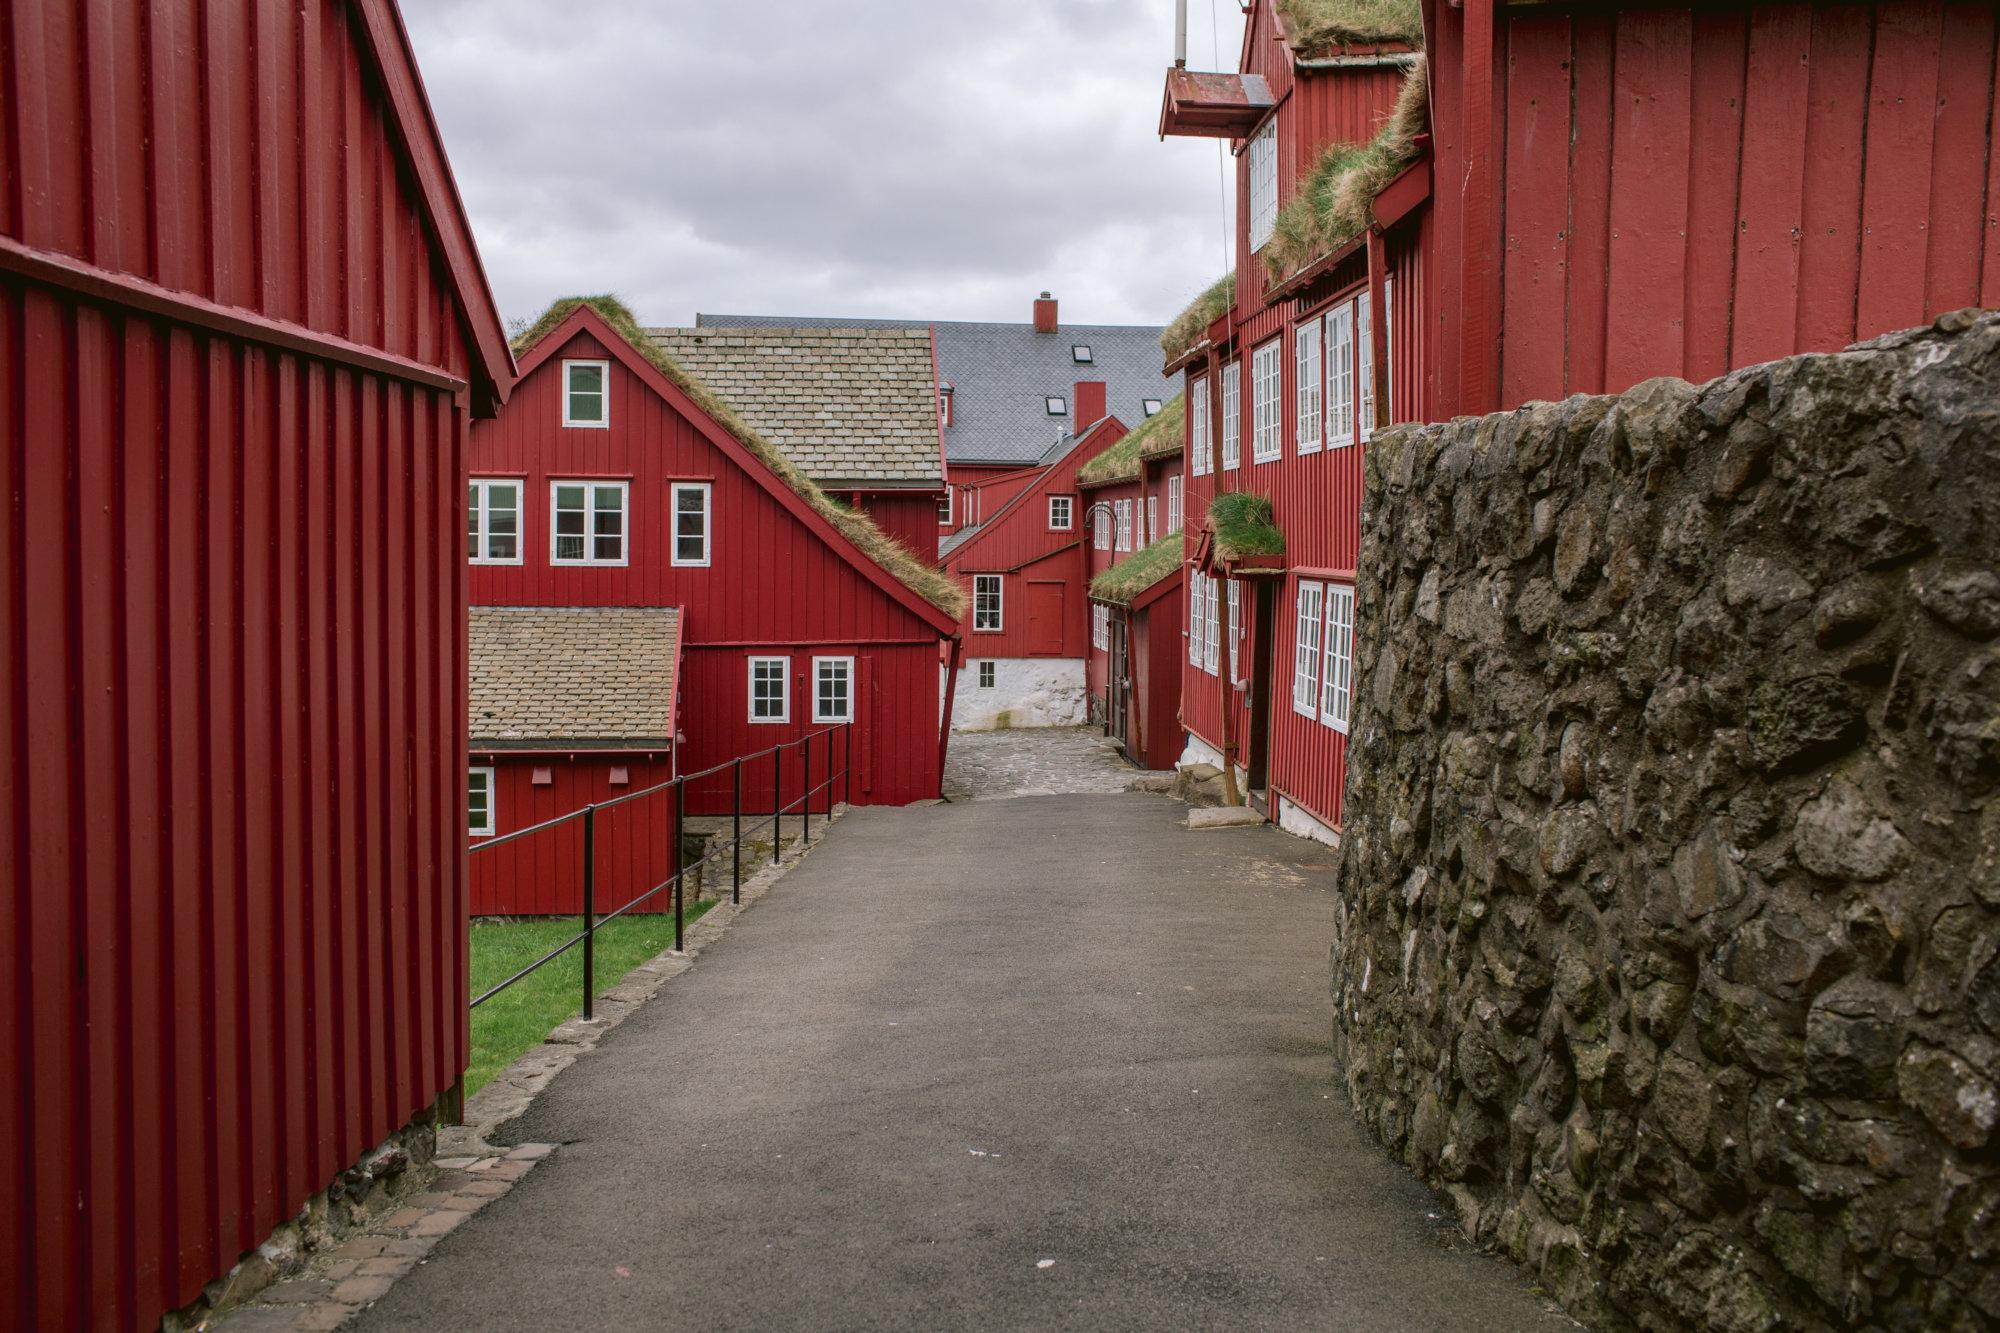 Widok na wnętrze zabudowań na półwyspie Tinganes na Wyspach Owczych